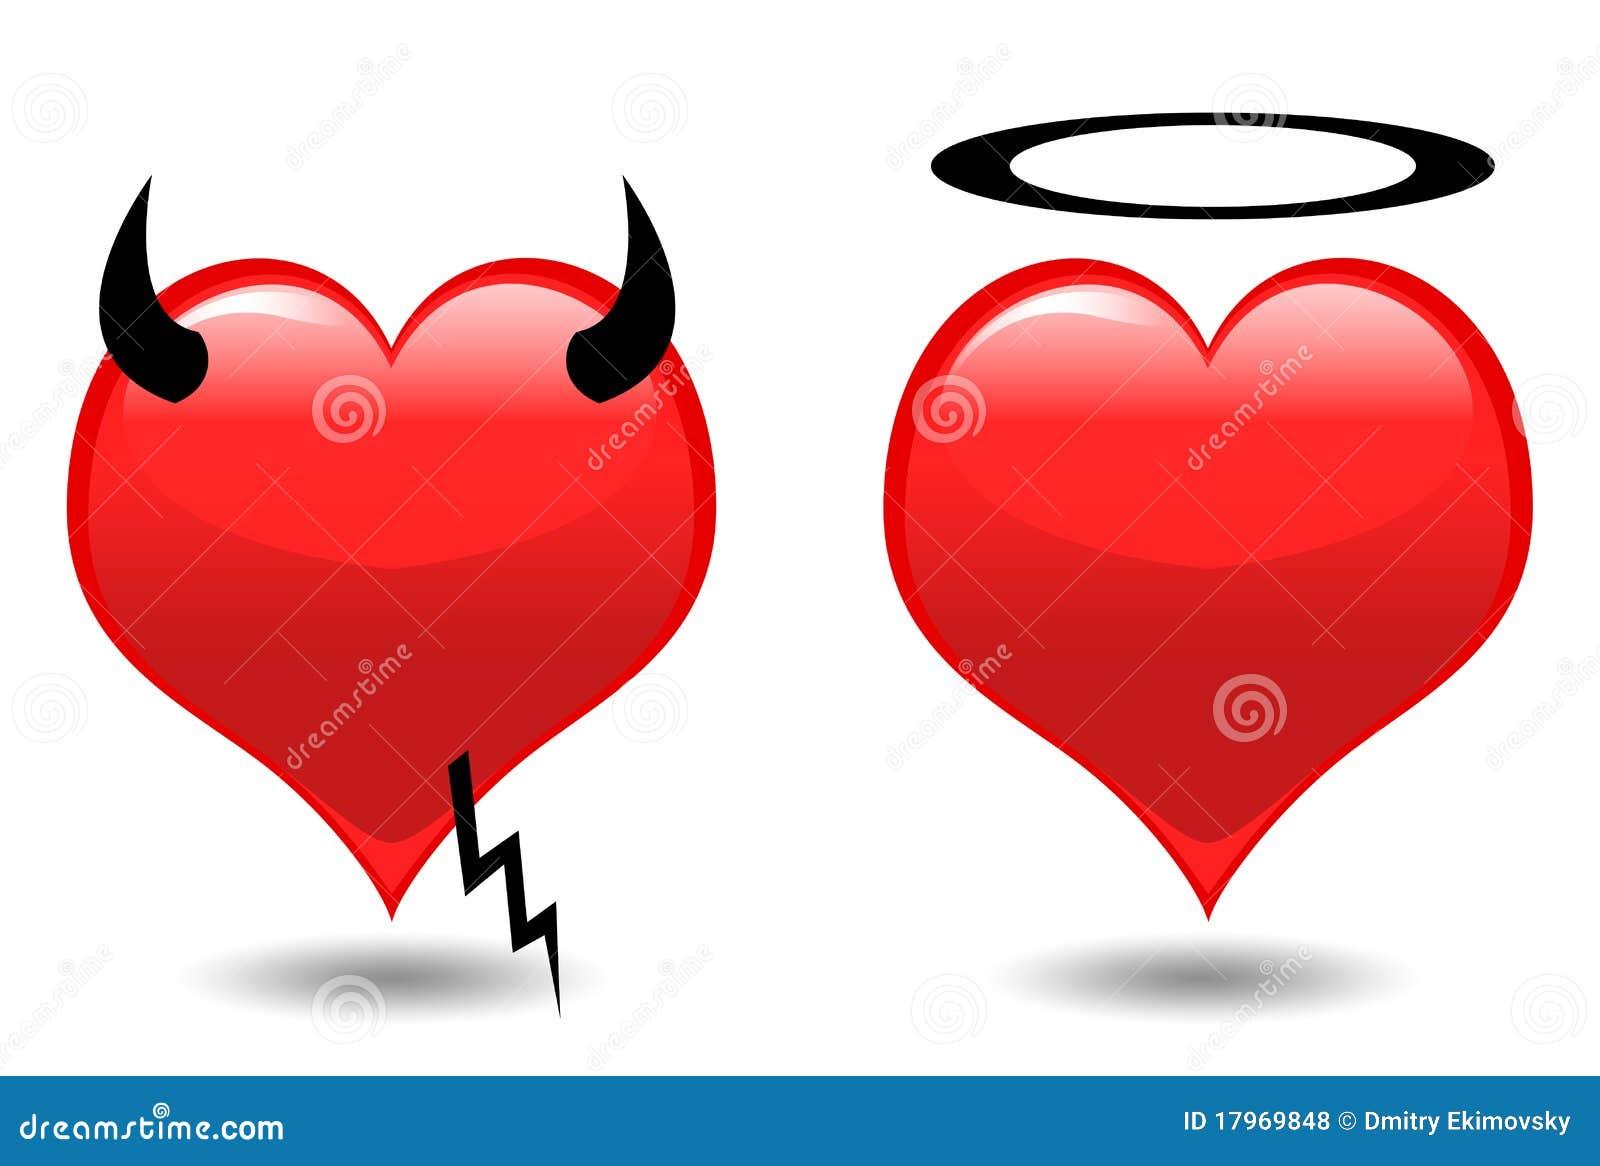 corazones-%C3%A1ngel-y-diablo-17969848.jpg